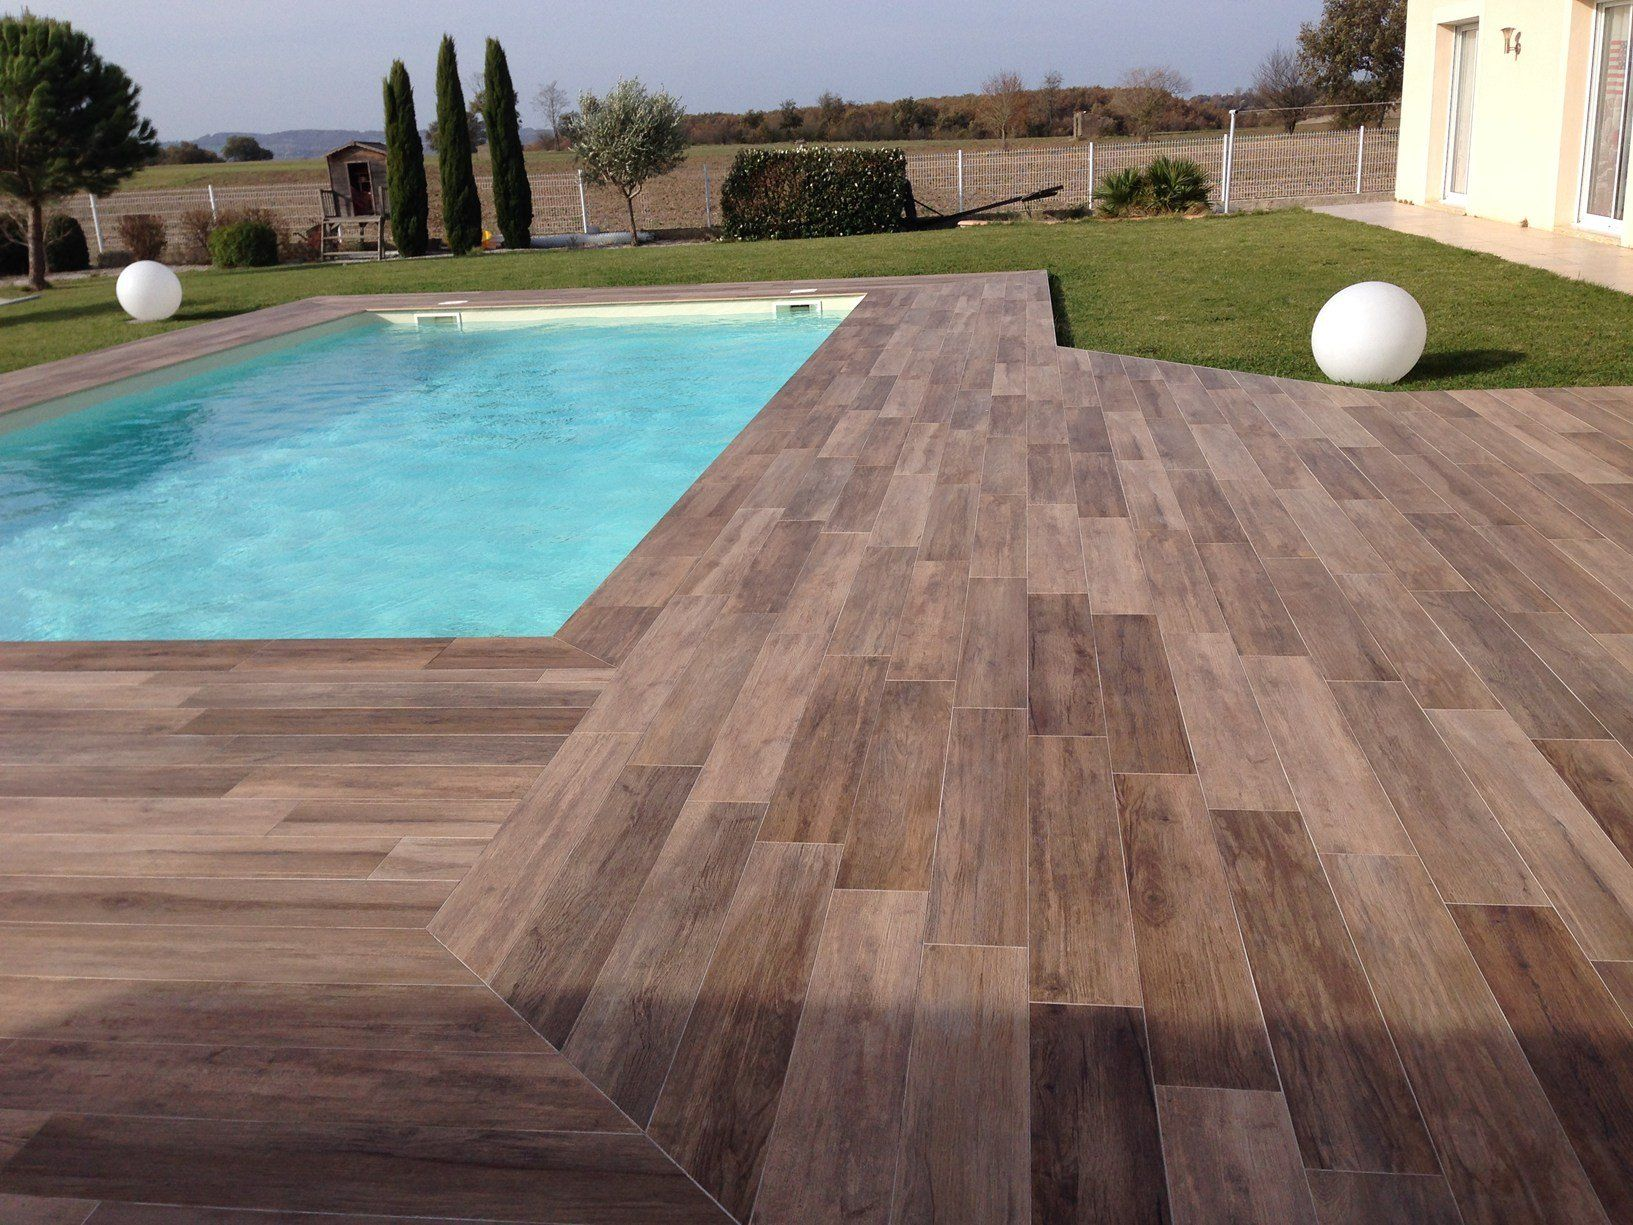 Pavimenti spessorati per piscine e aree benessere - Piastrelle per piscina ...